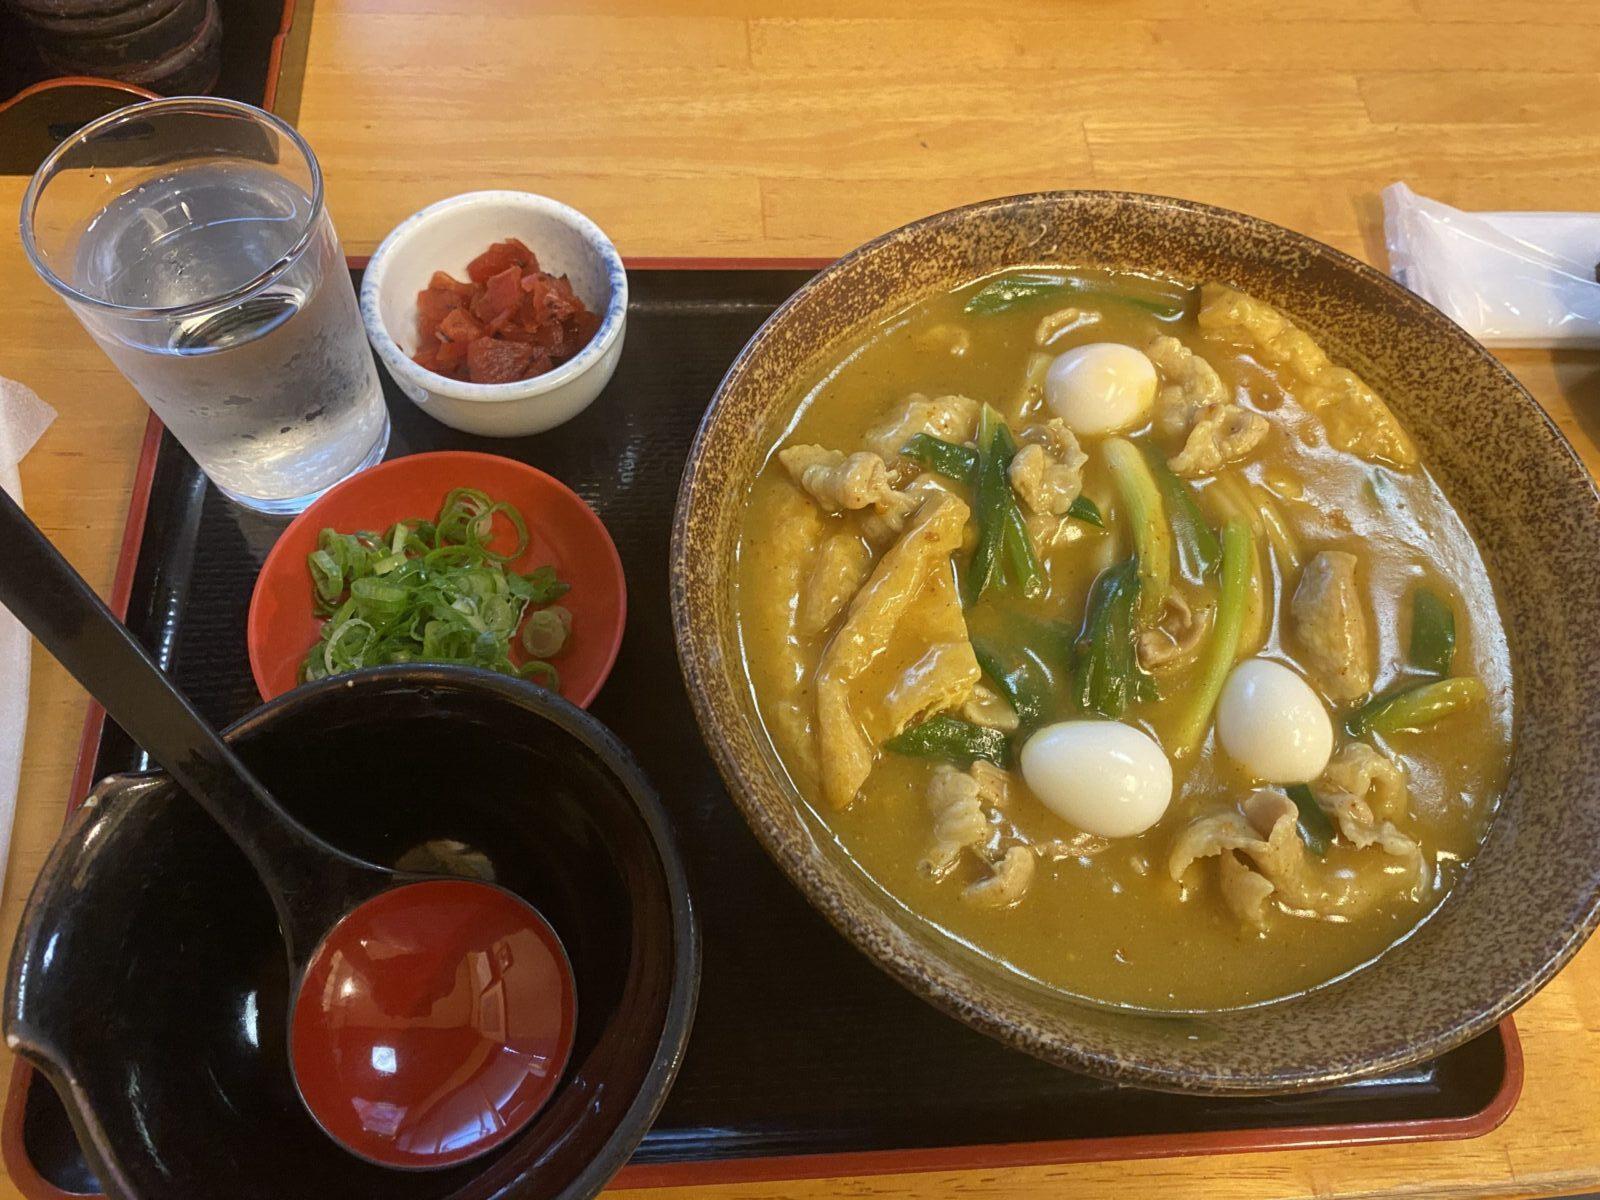 テツの食卓 121  勢川本店(豊橋カレーうどん)